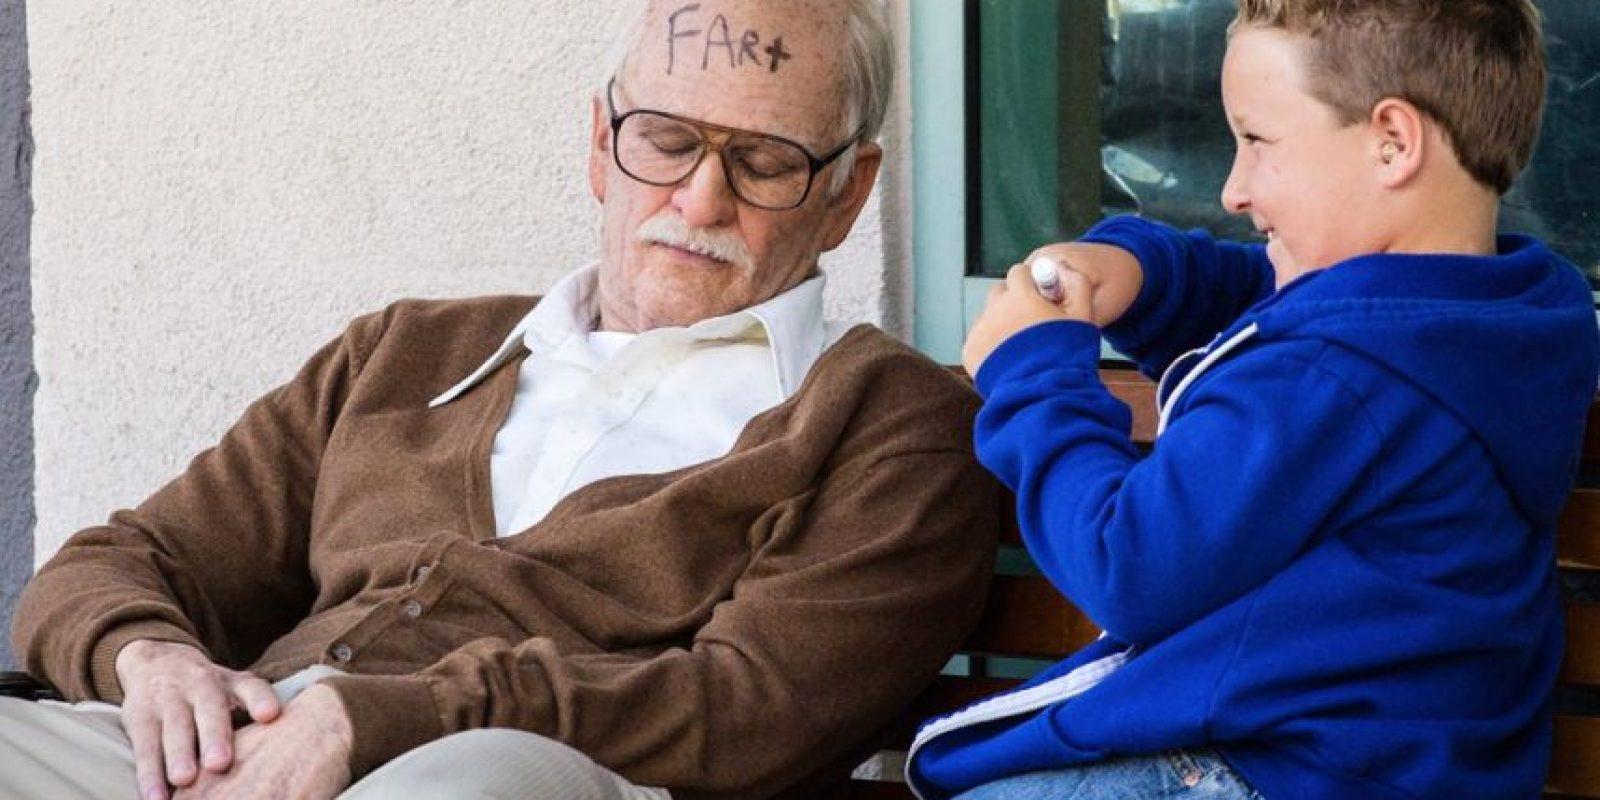 Es un abuelo calavera que hace todo tipo de travesuras con su nieto Foto:MTV